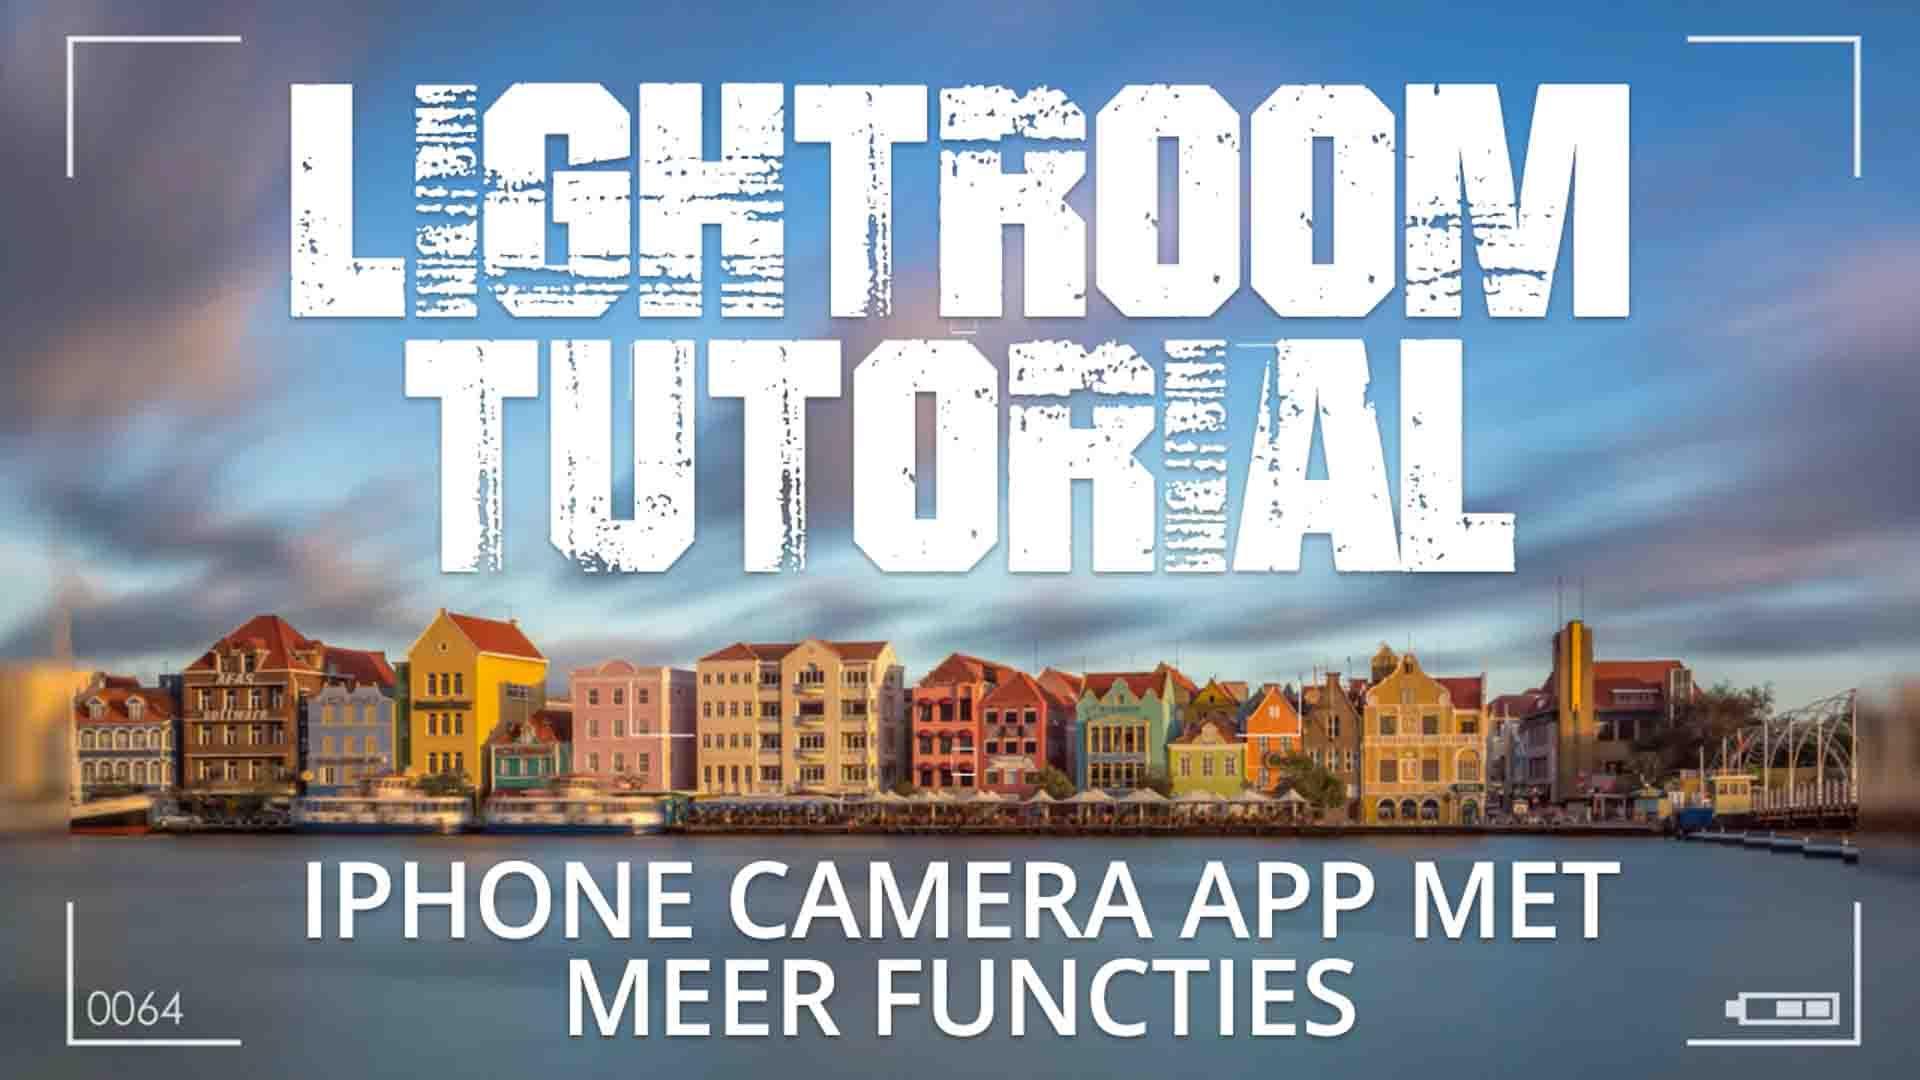 iPhone camera app met meer functies